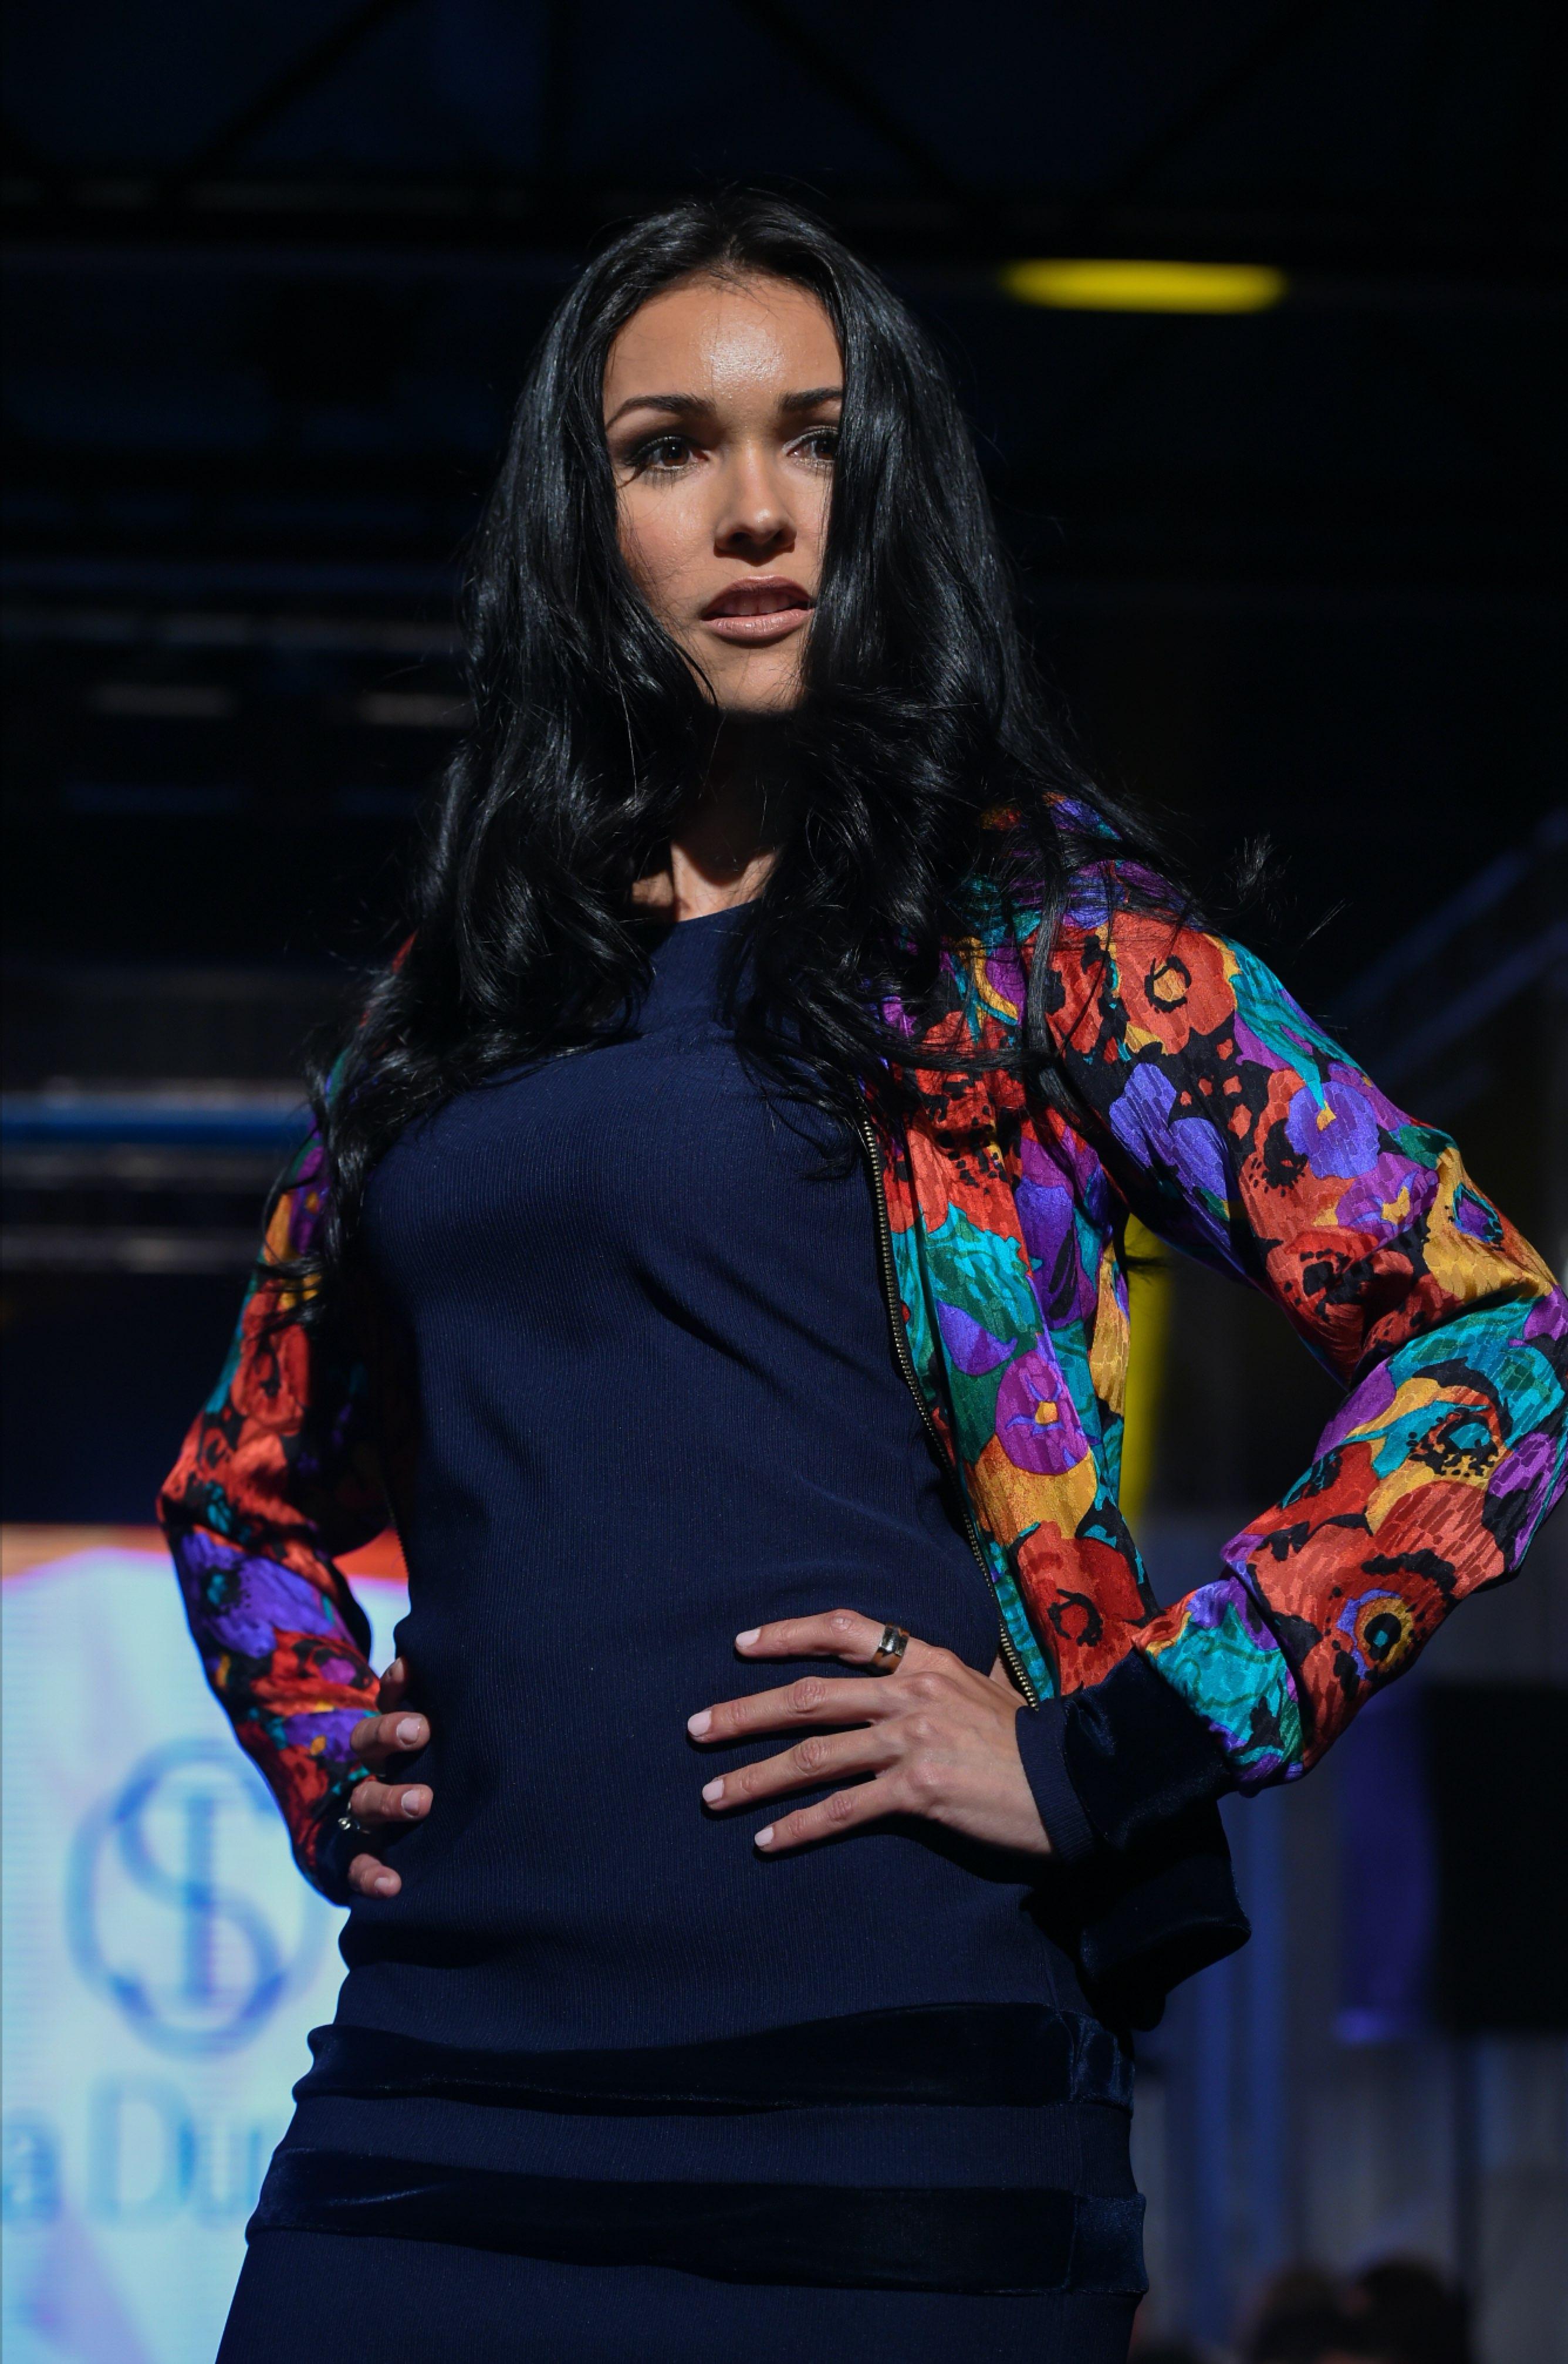 MHBF 2016 – Sofia Dumaine – 13